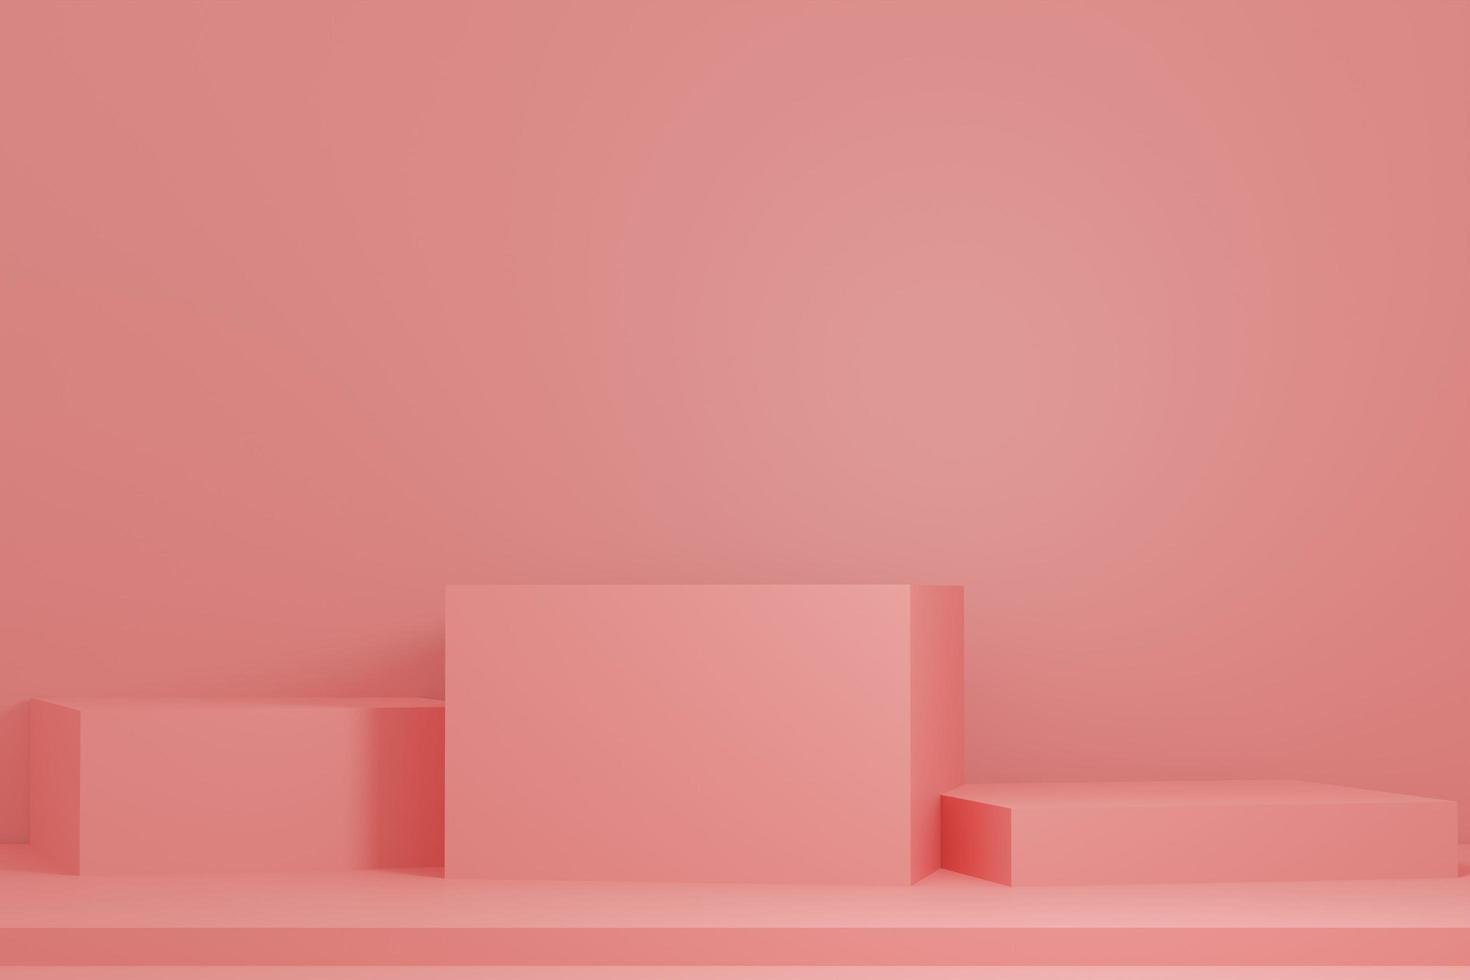 pedestal rosa em fundo rosa foto